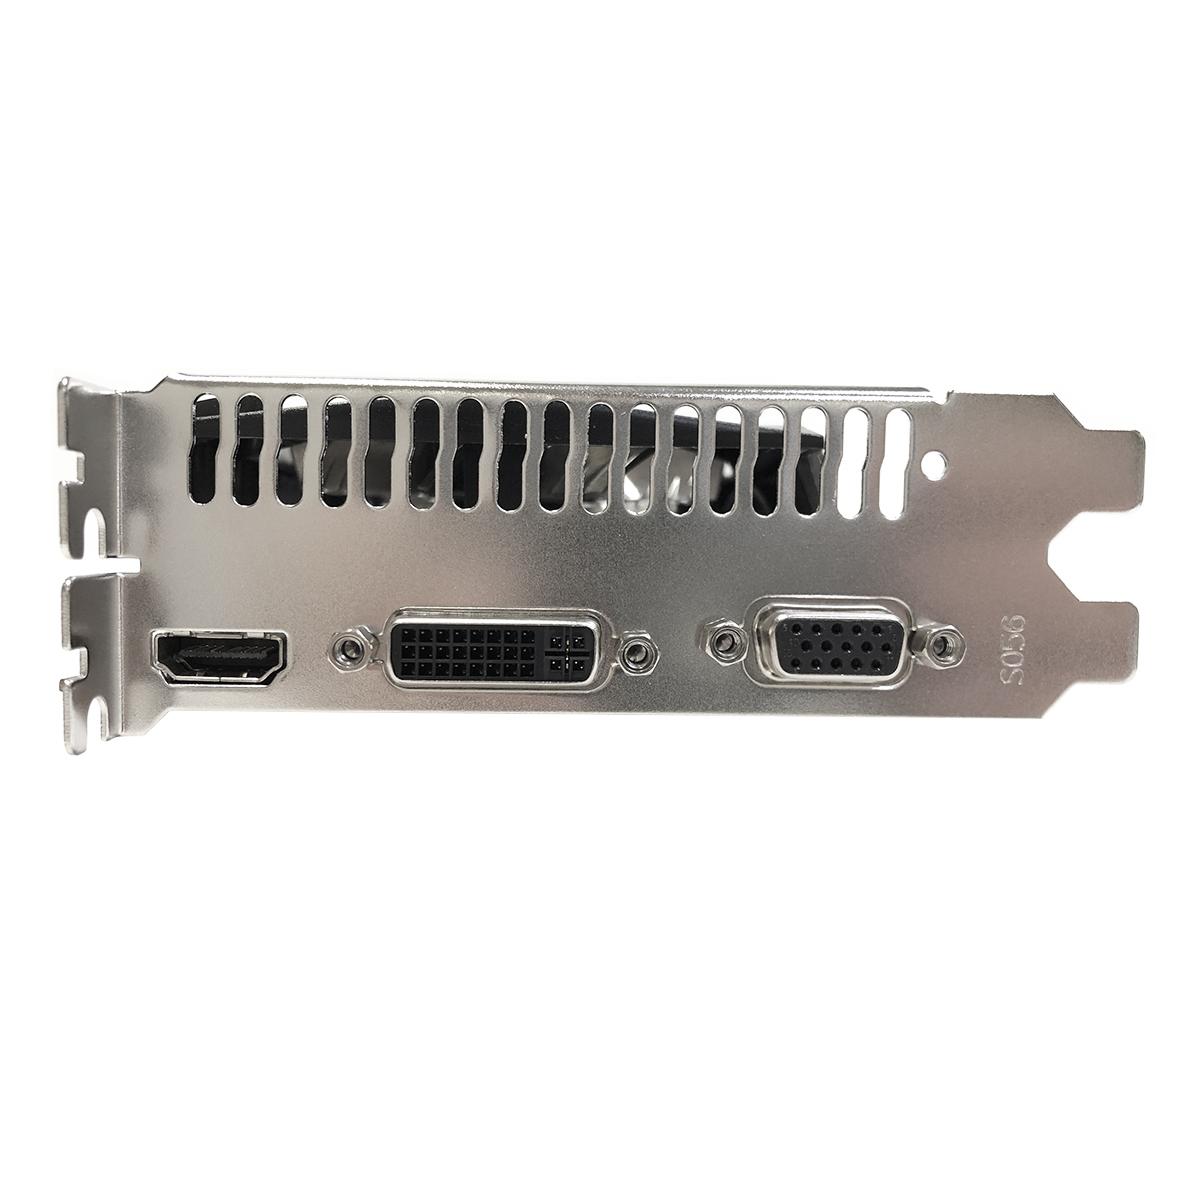 Placa de Vídeo AFOX GeForce GTX750TI 2GB, GDDR5, 128 Bits, HDMI/DVI/VGA - AF750TI-2048D5H5-V7